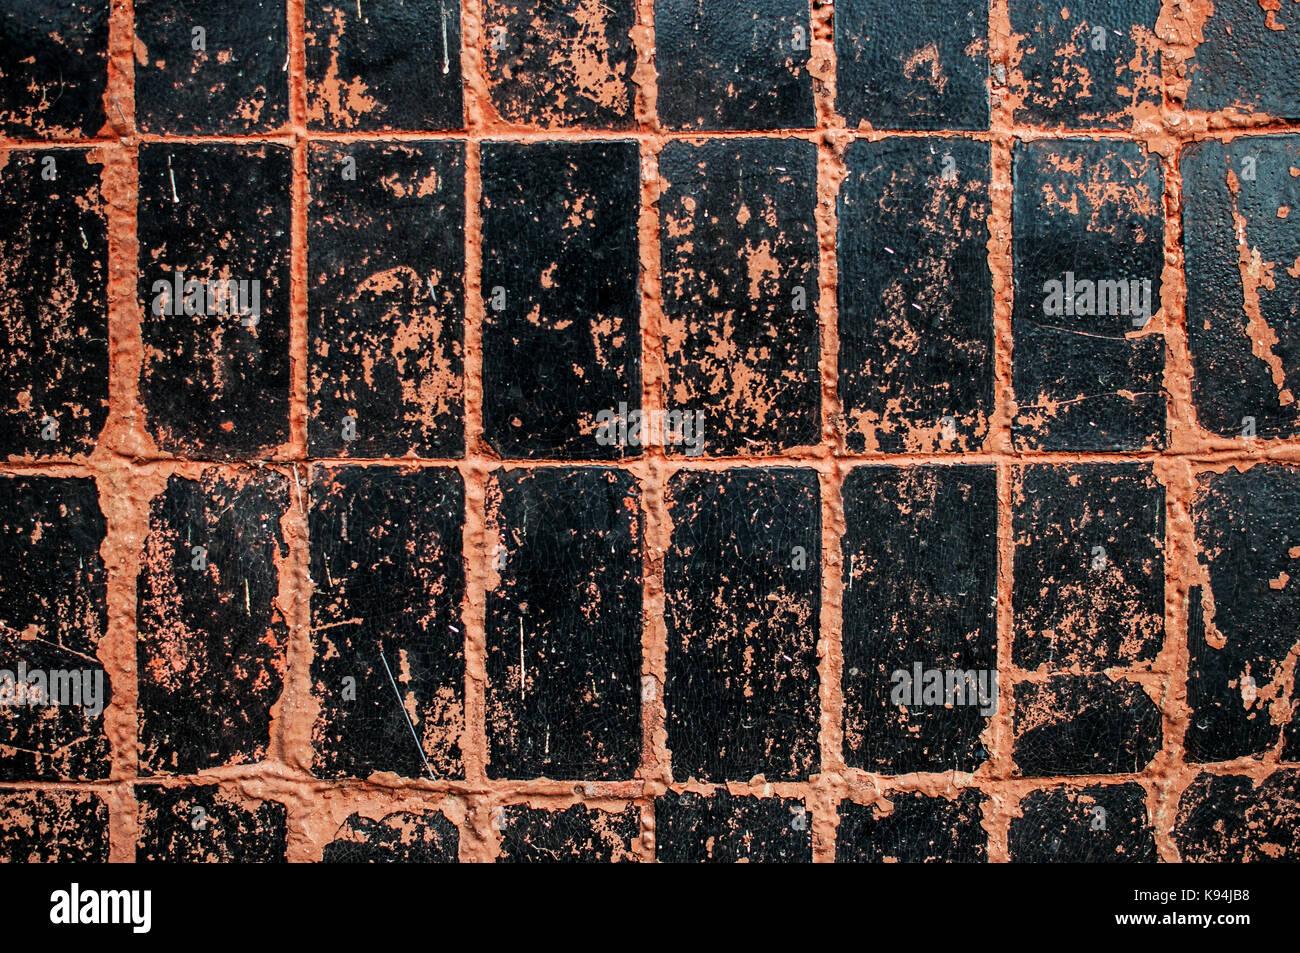 Schwarz Und Orange Wandfliesen Textur Hintergrund Mit Kratzern Und